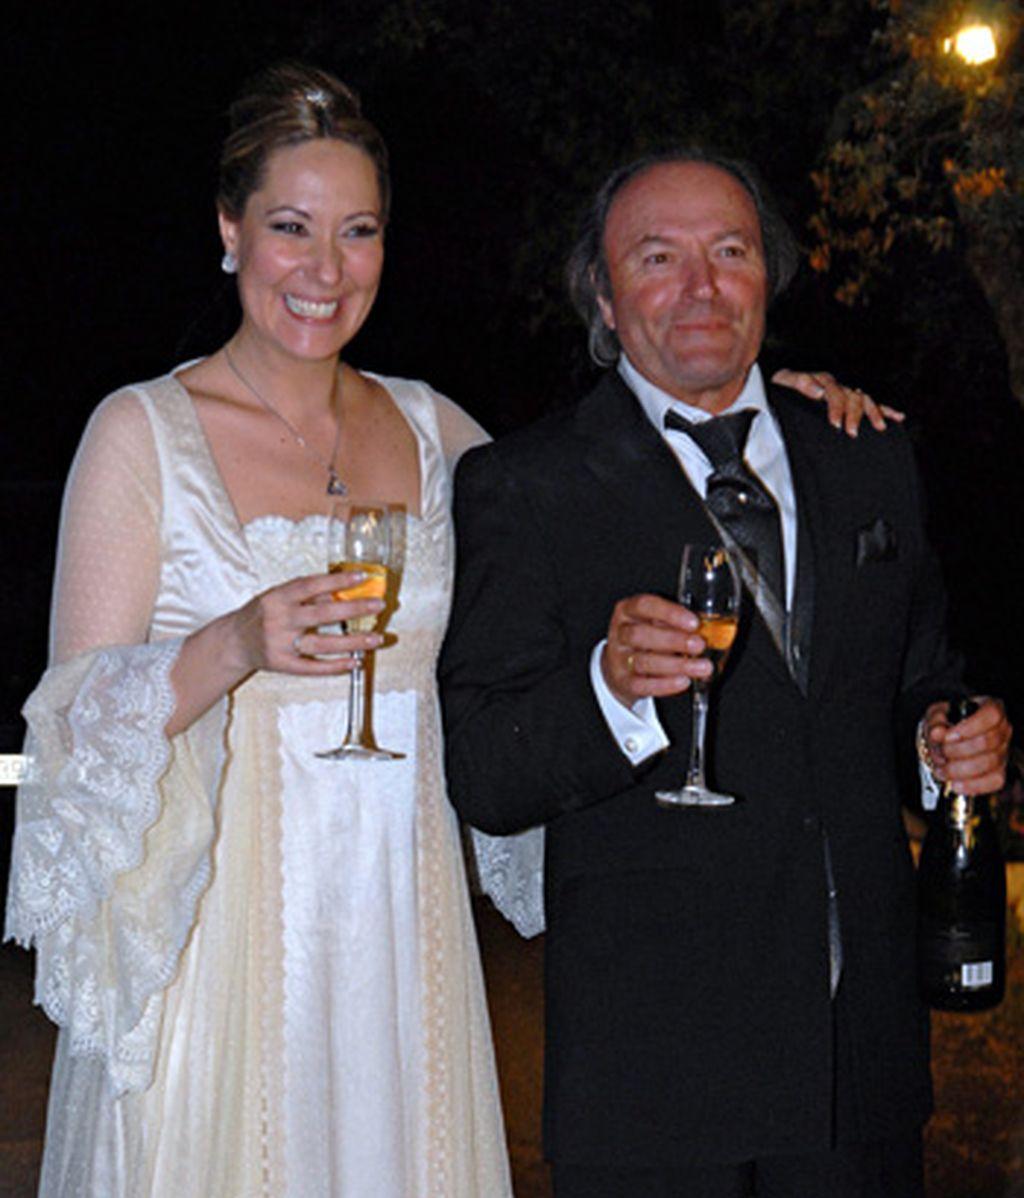 Pasarela de famosos en la boda de Chayo Mohedano en Yerbabuena